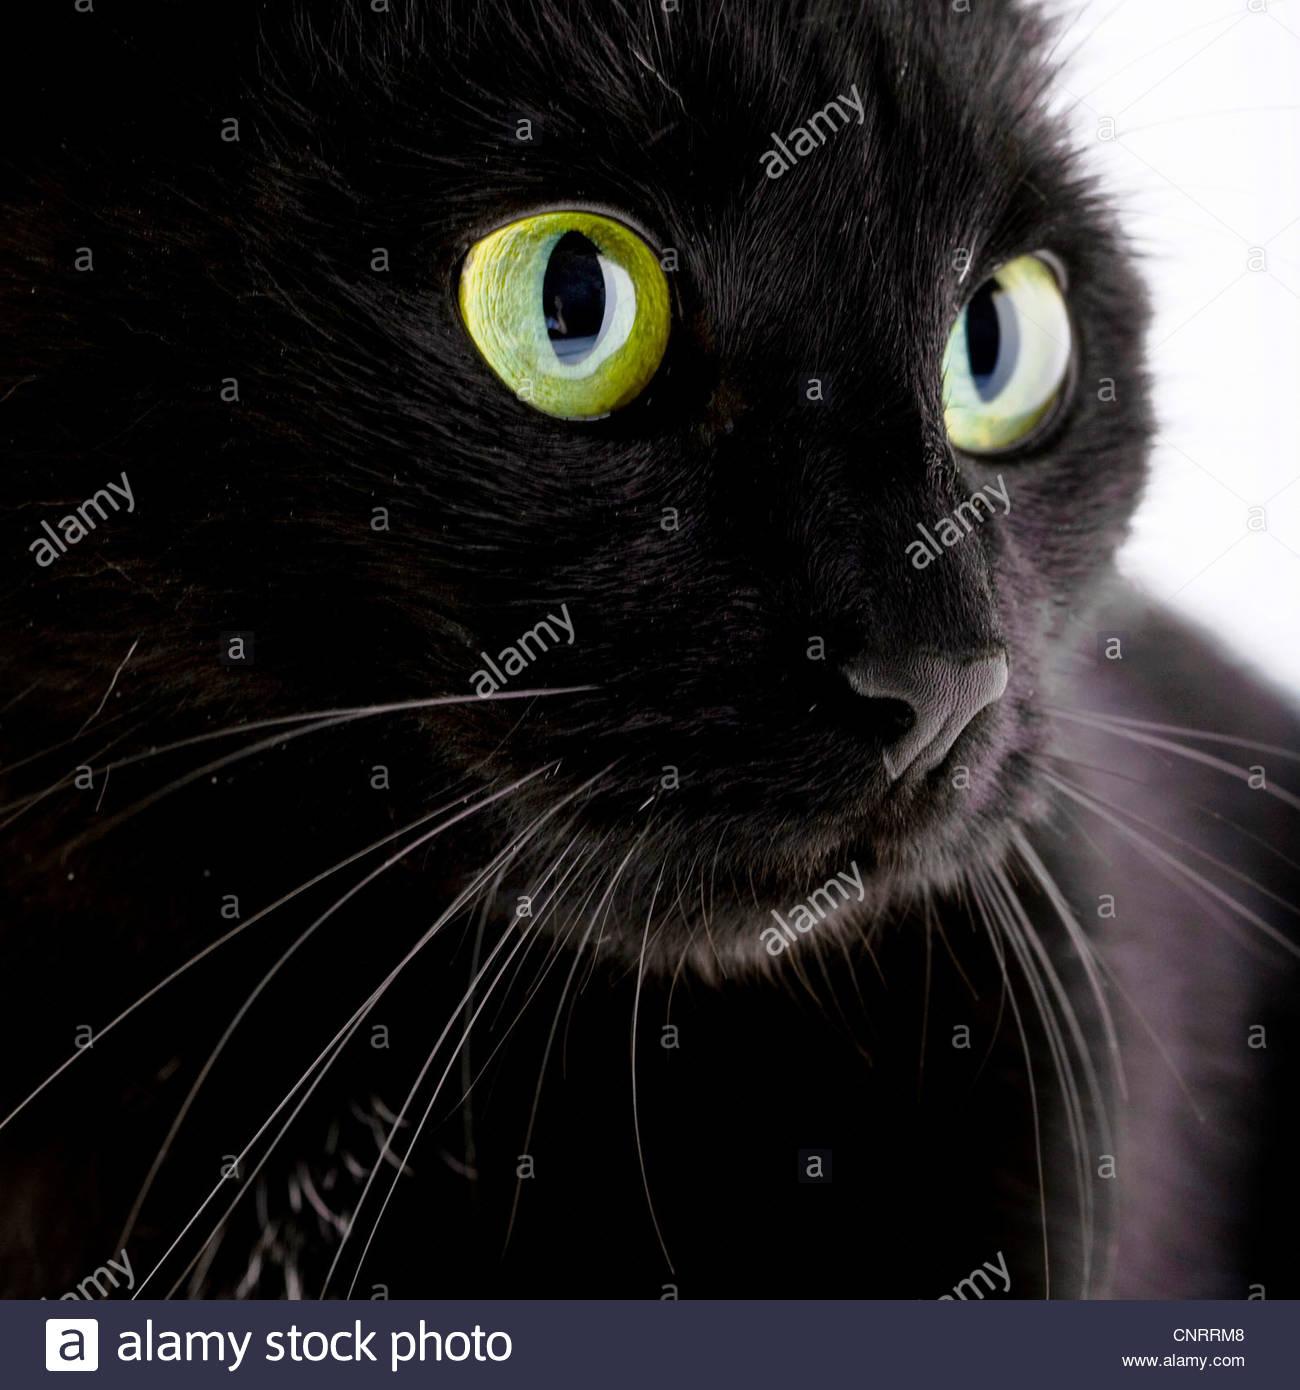 Portrait of a black cat - Stock Image